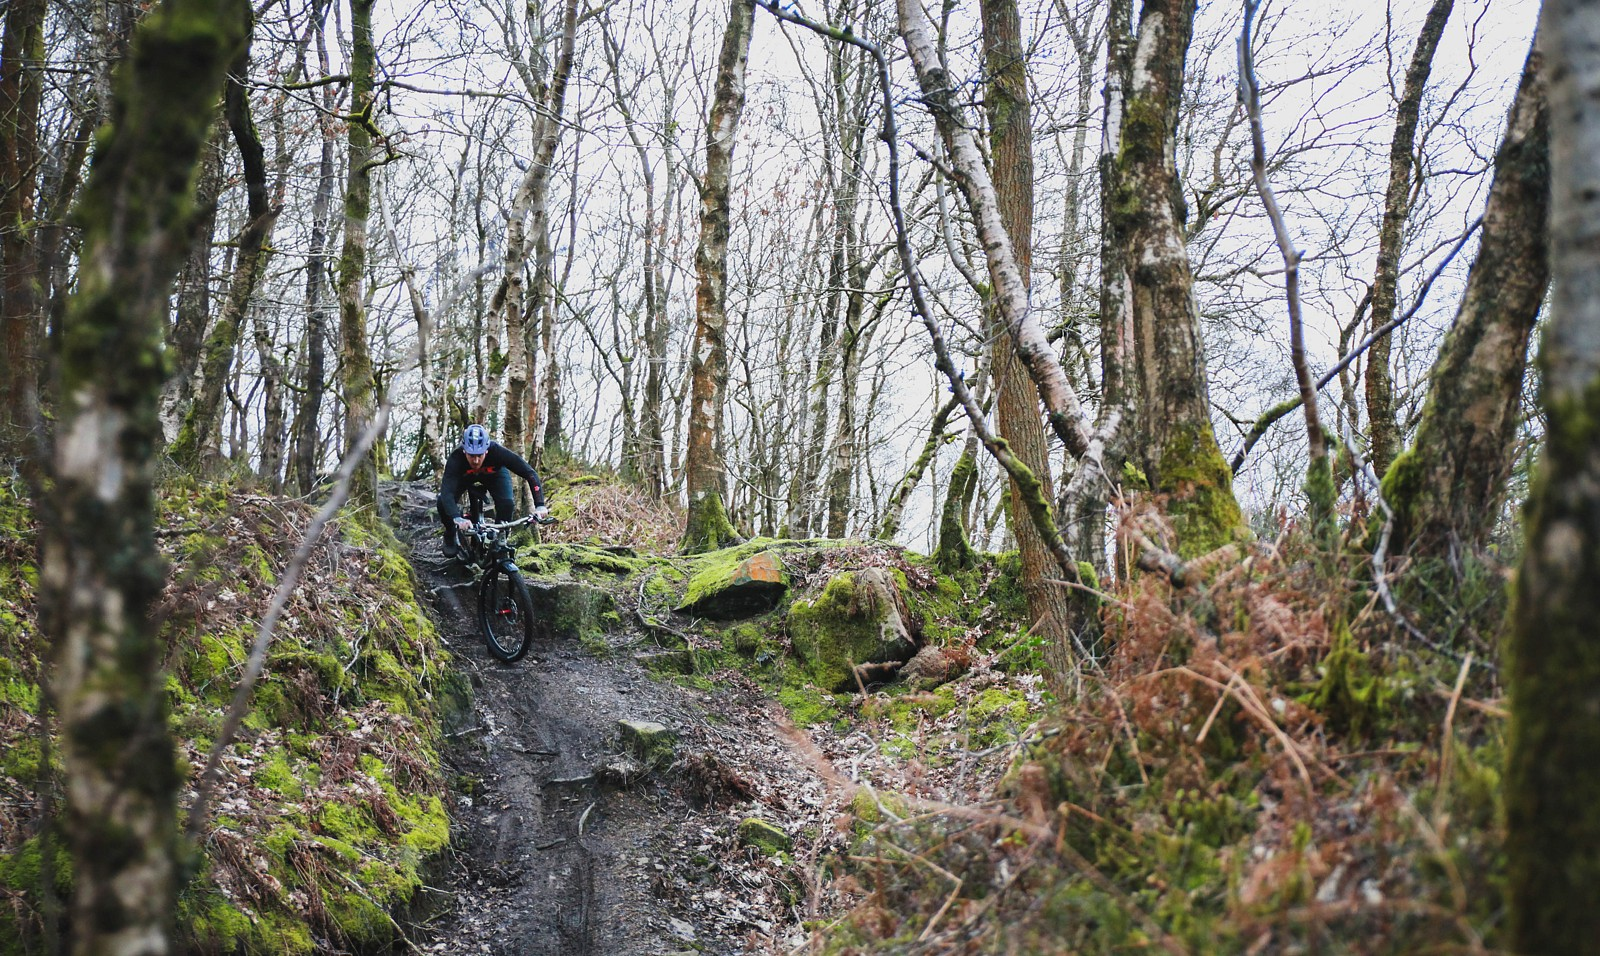 IMG 0646 - Mushrum - Mountain Biking Pictures - Vital MTB